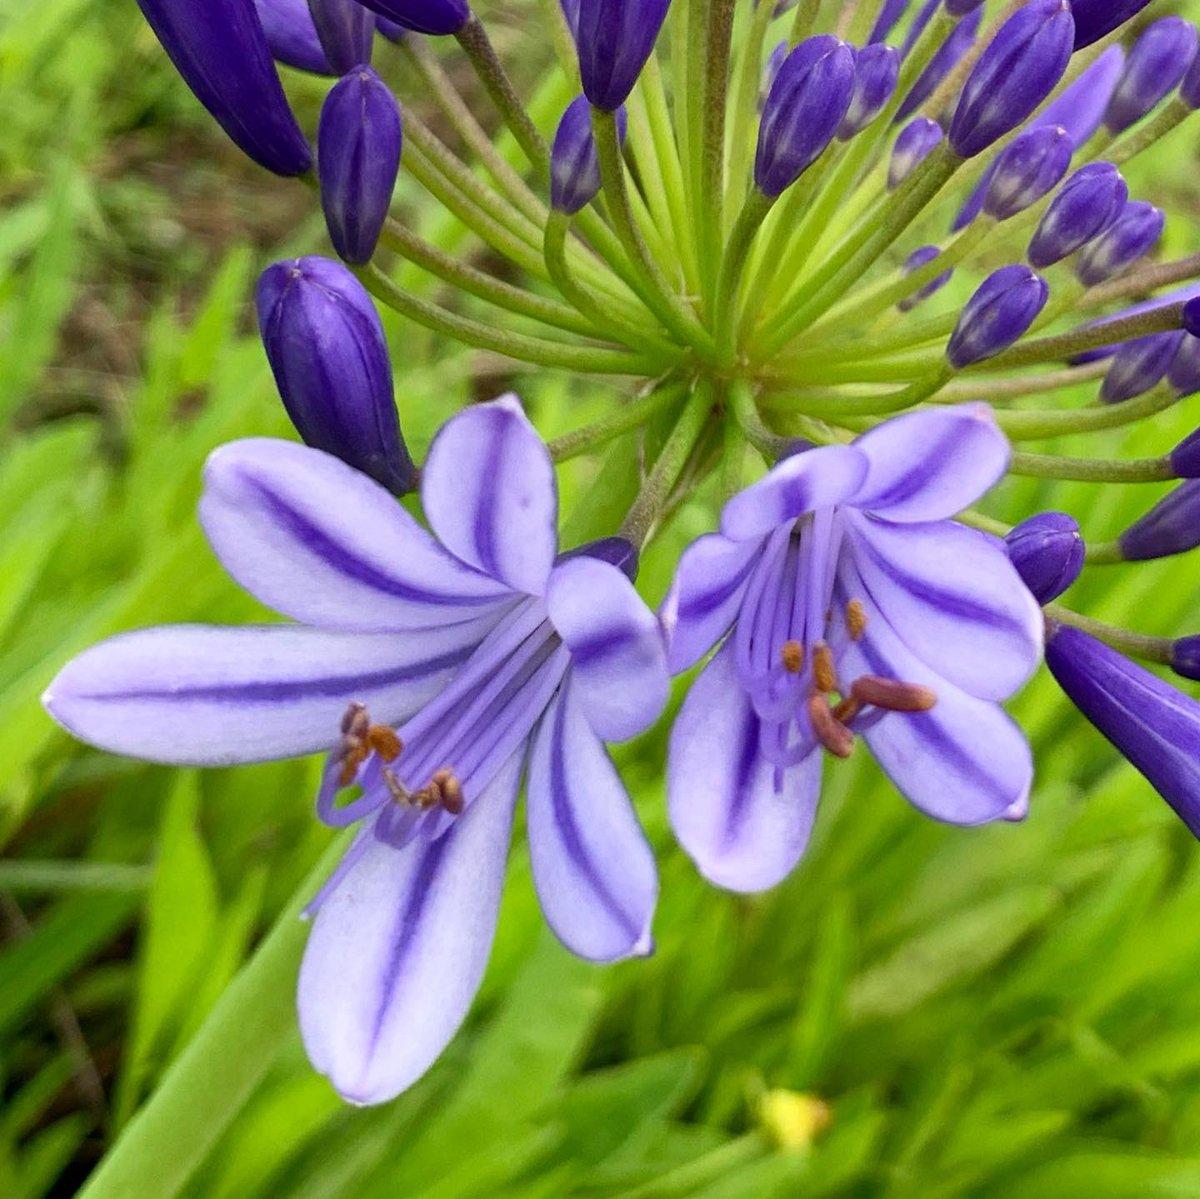 アガパンサス💜 お写んぽコースの遊歩道にて。 つぼみは濃い紫色でやや小ぶり🎶  開いた花も見慣れたものより薄紫色が濃く、印象的でした✨  そろそろ満開かと見に行くと… 影も形もなかったのです😞 誰かがチョッキン✂️しちゃったのかな〜💧 ・ #flowers  #アガパンサス  #雨が似合う花  #japan https://t.co/h11if11WHx